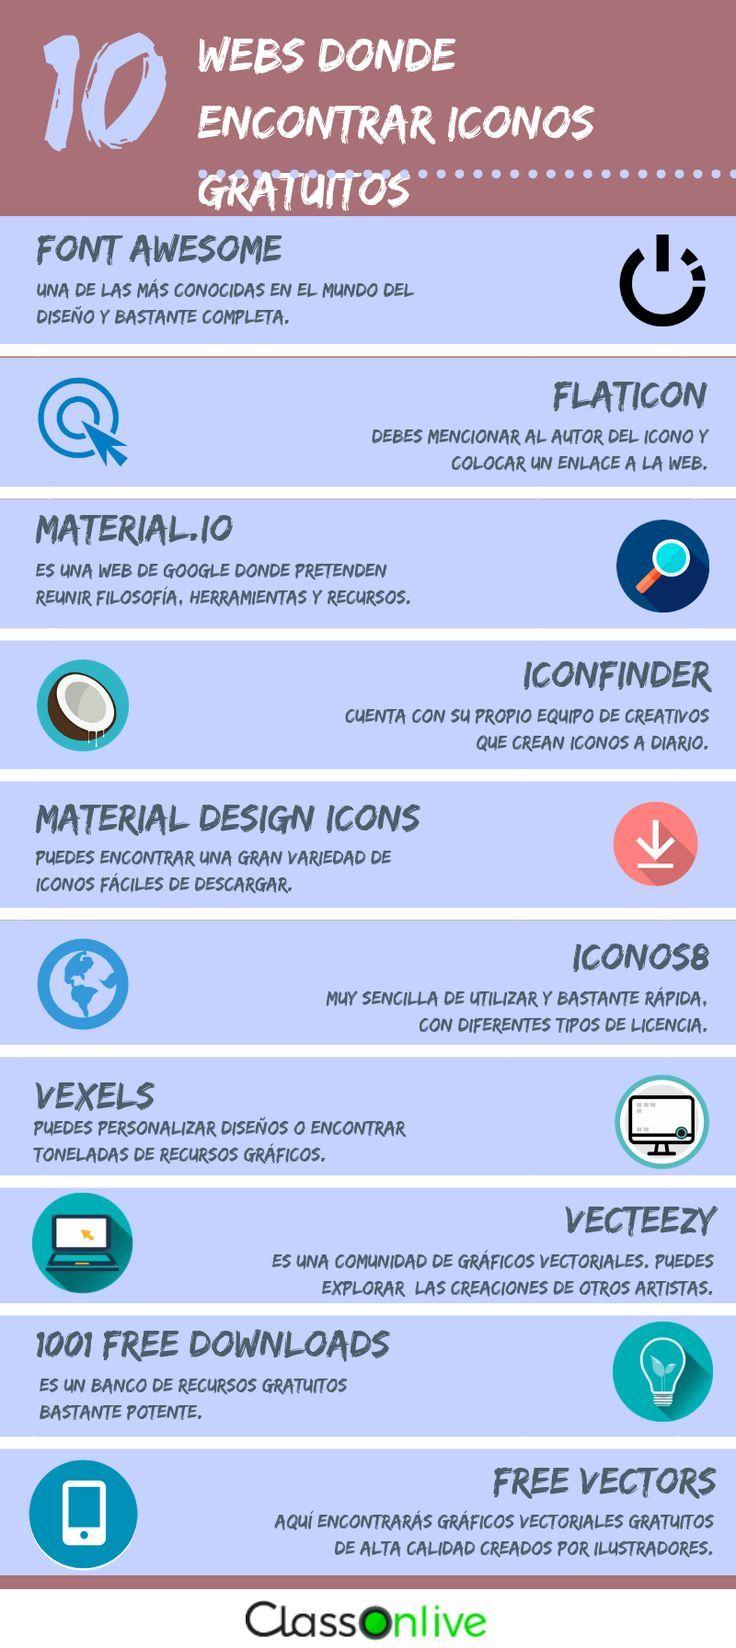 10 Webs donde encontrar iconos gratuitos ClassOnLive